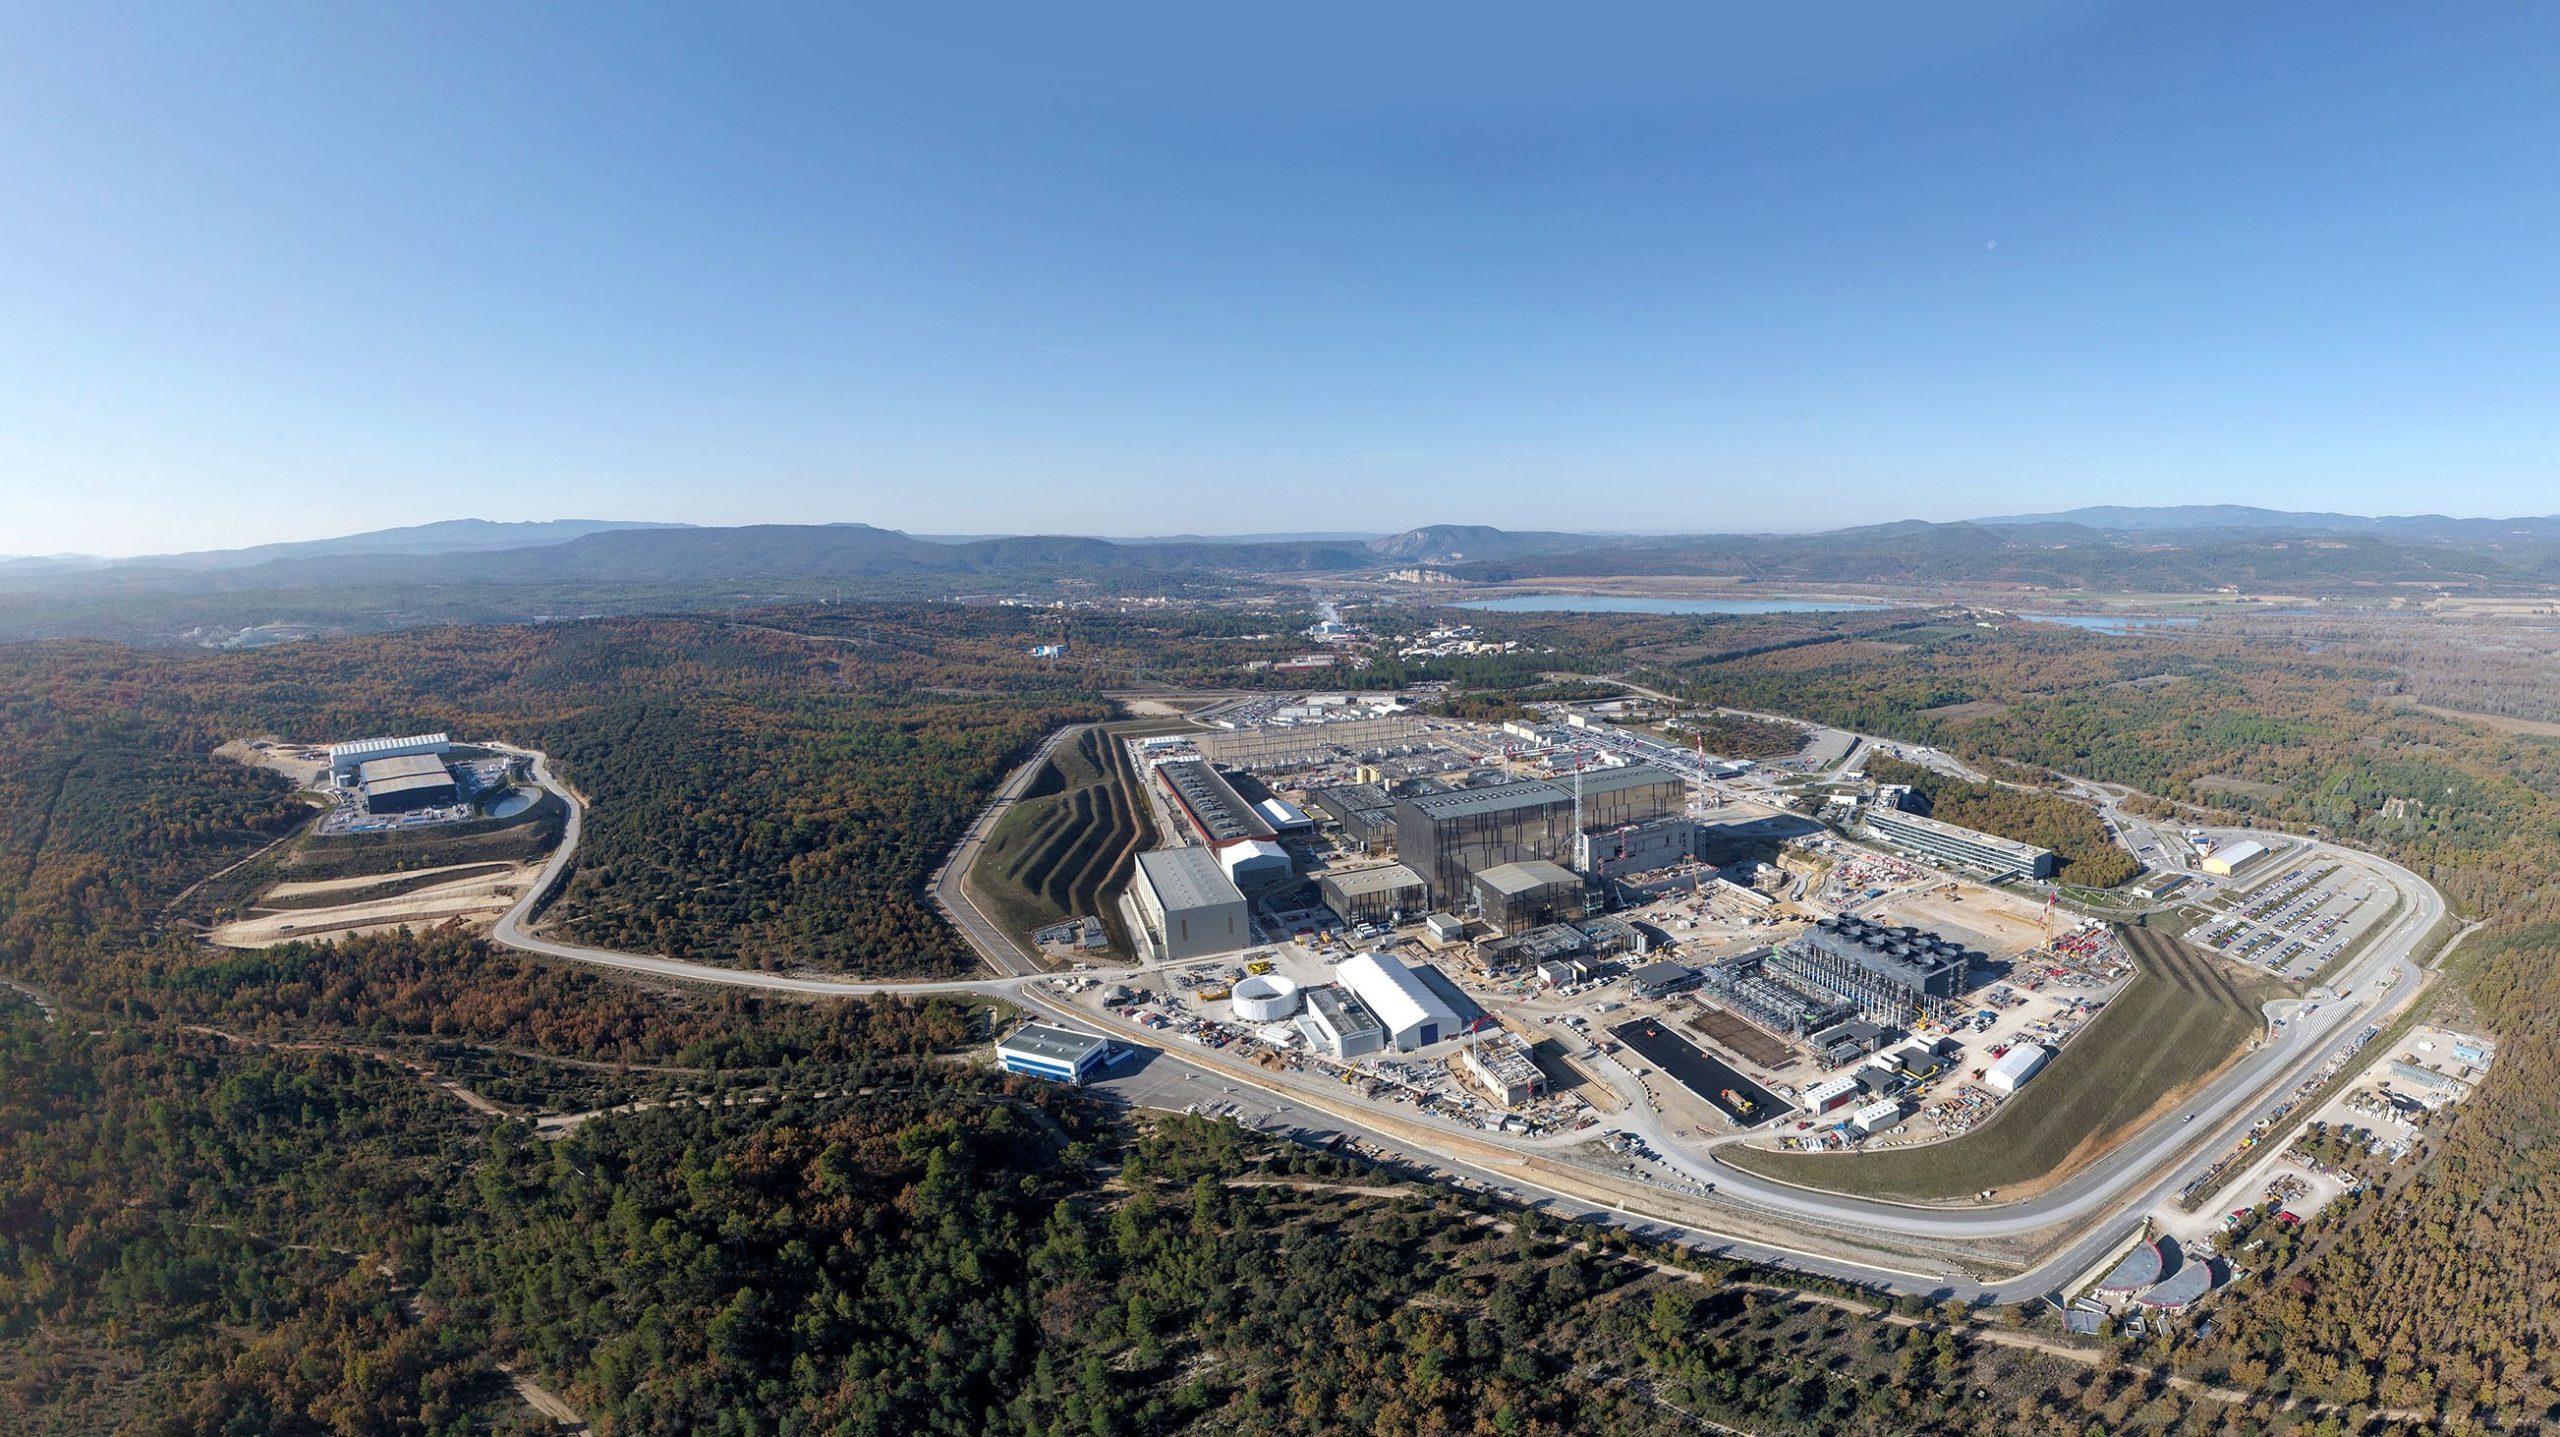 Fusion nucléaire : Iter maintient son objectif de premier plasma en 2025